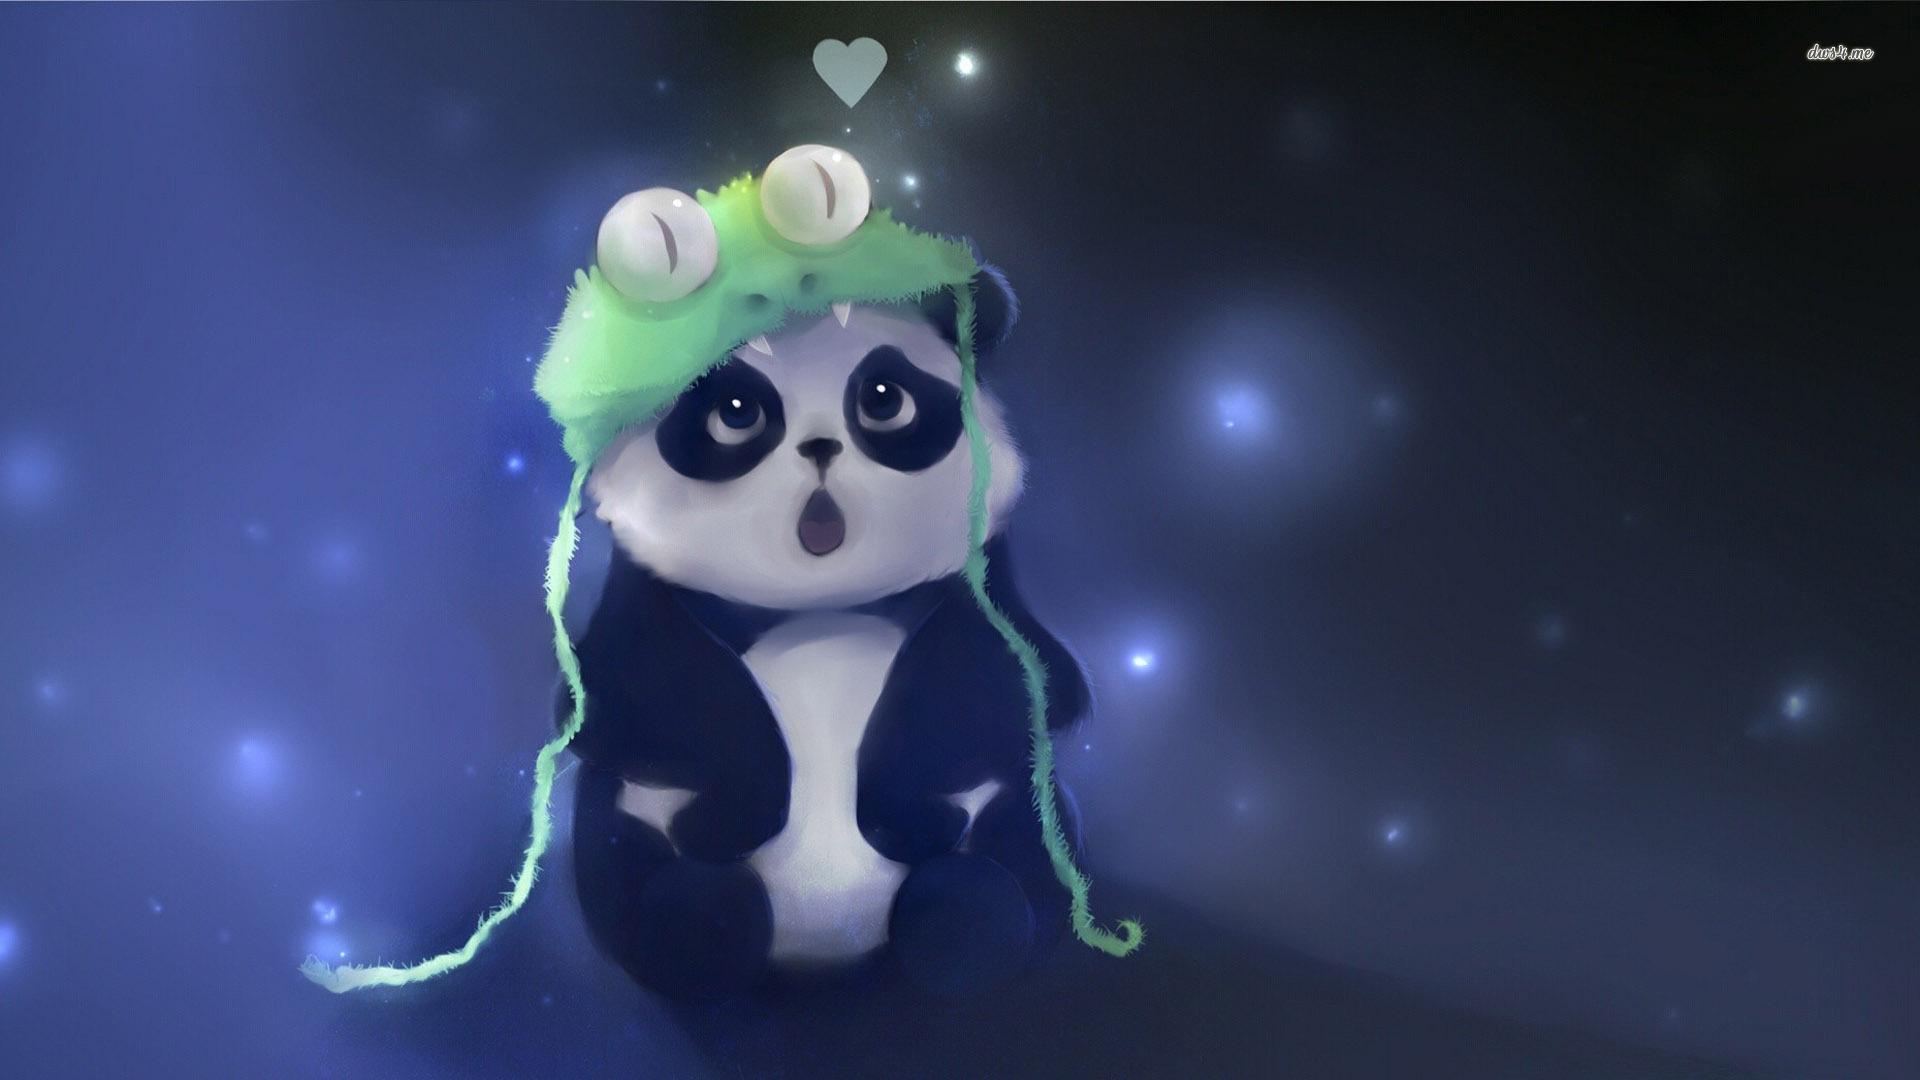 Cute panda wallpaper 1280x800 Cute panda wallpaper 1366x768 Cute panda 1920x1080